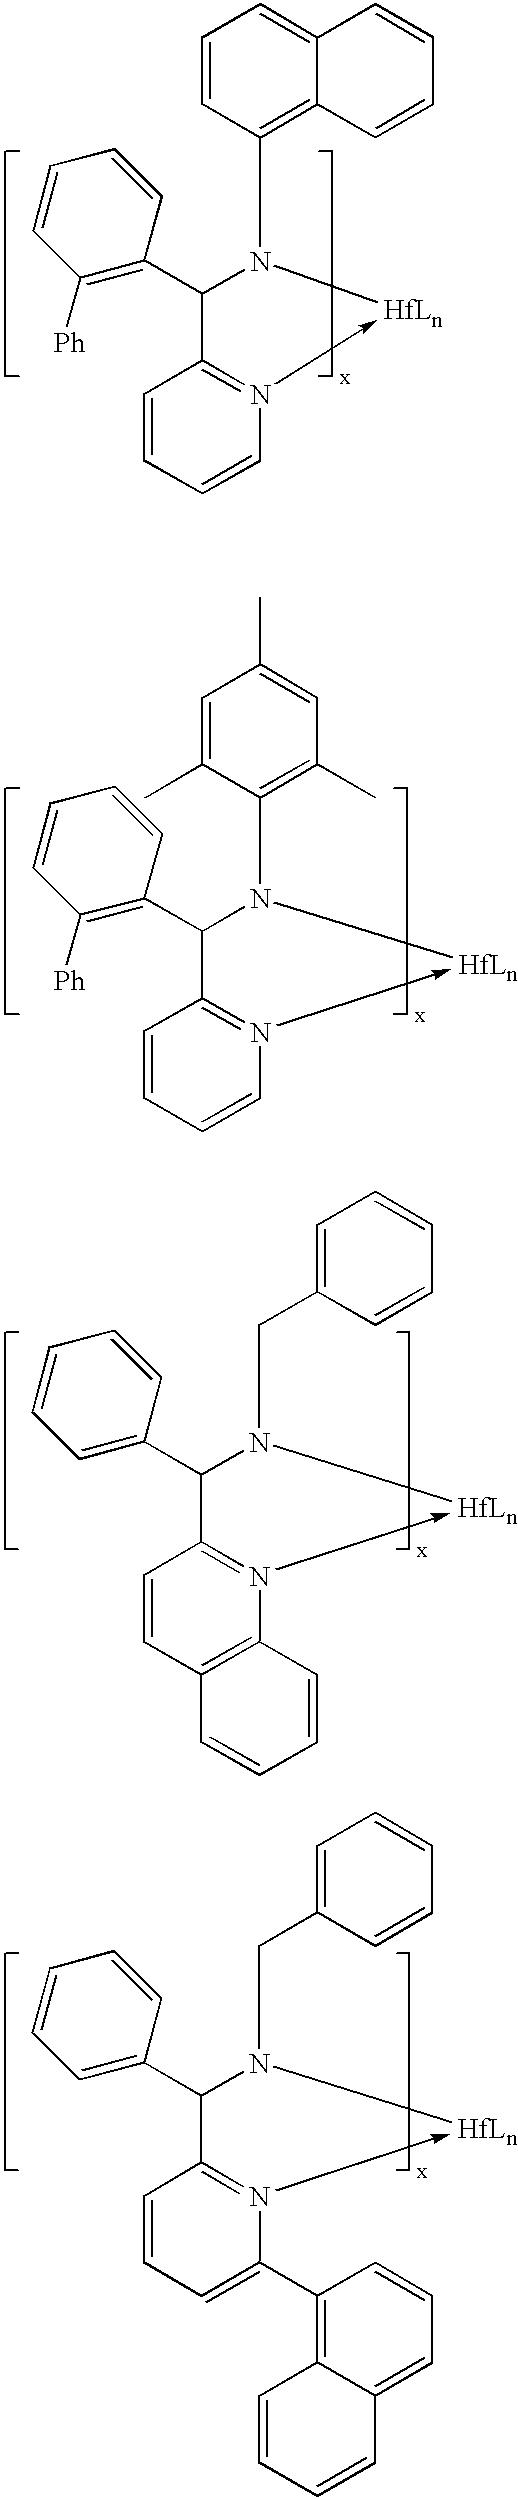 Figure US06906160-20050614-C00015